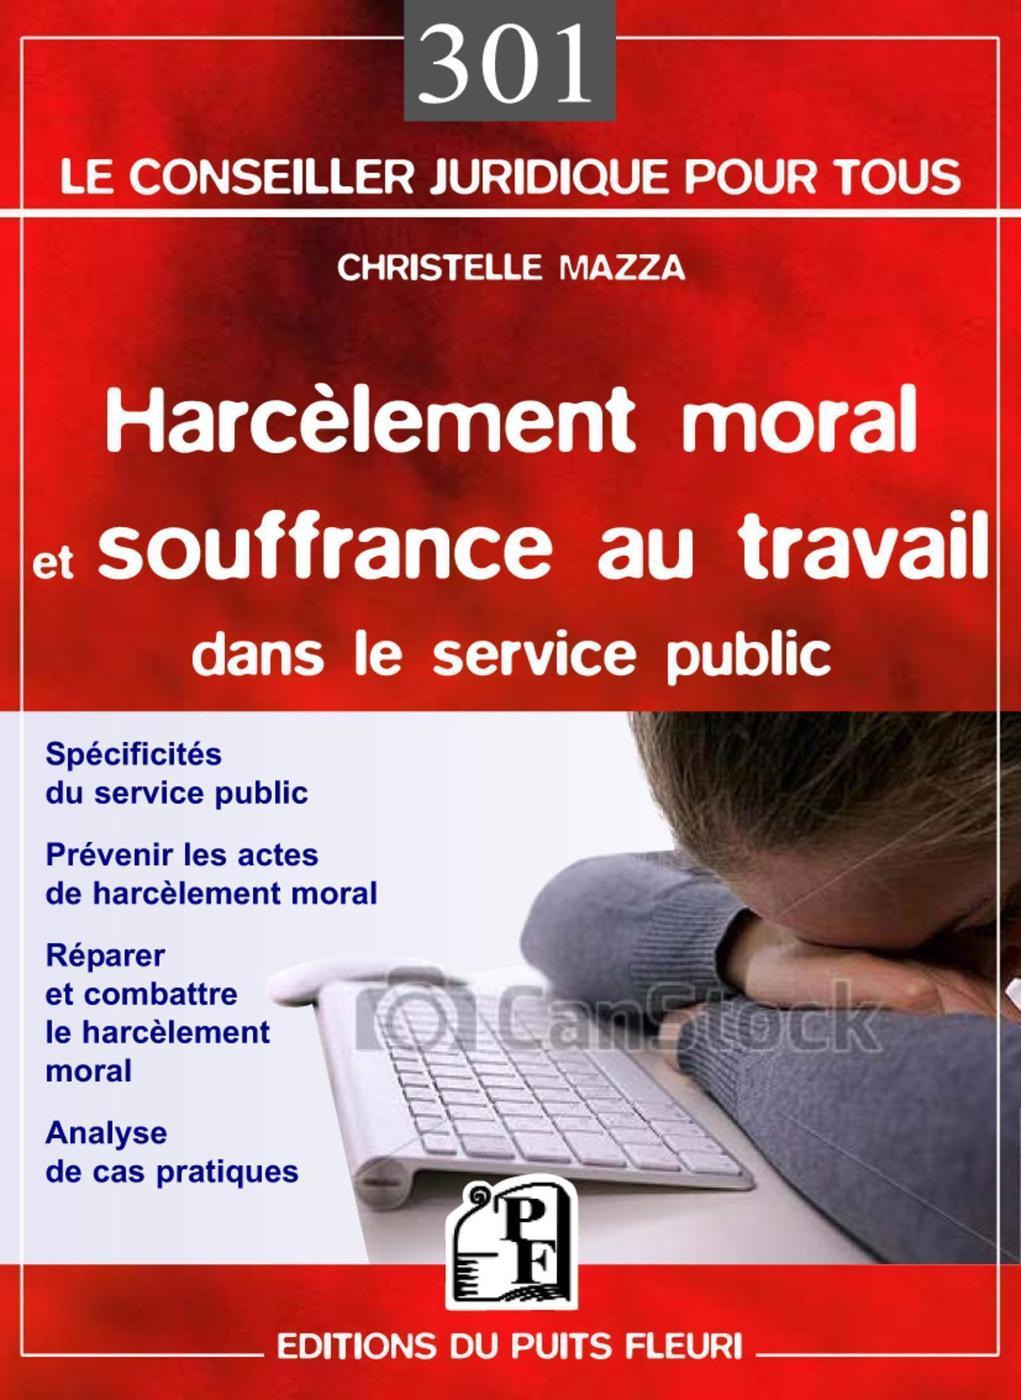 066e3d2a847 Harcèlement moral et souffrance au travail dans le service public -... -  Librairie Eyrolles